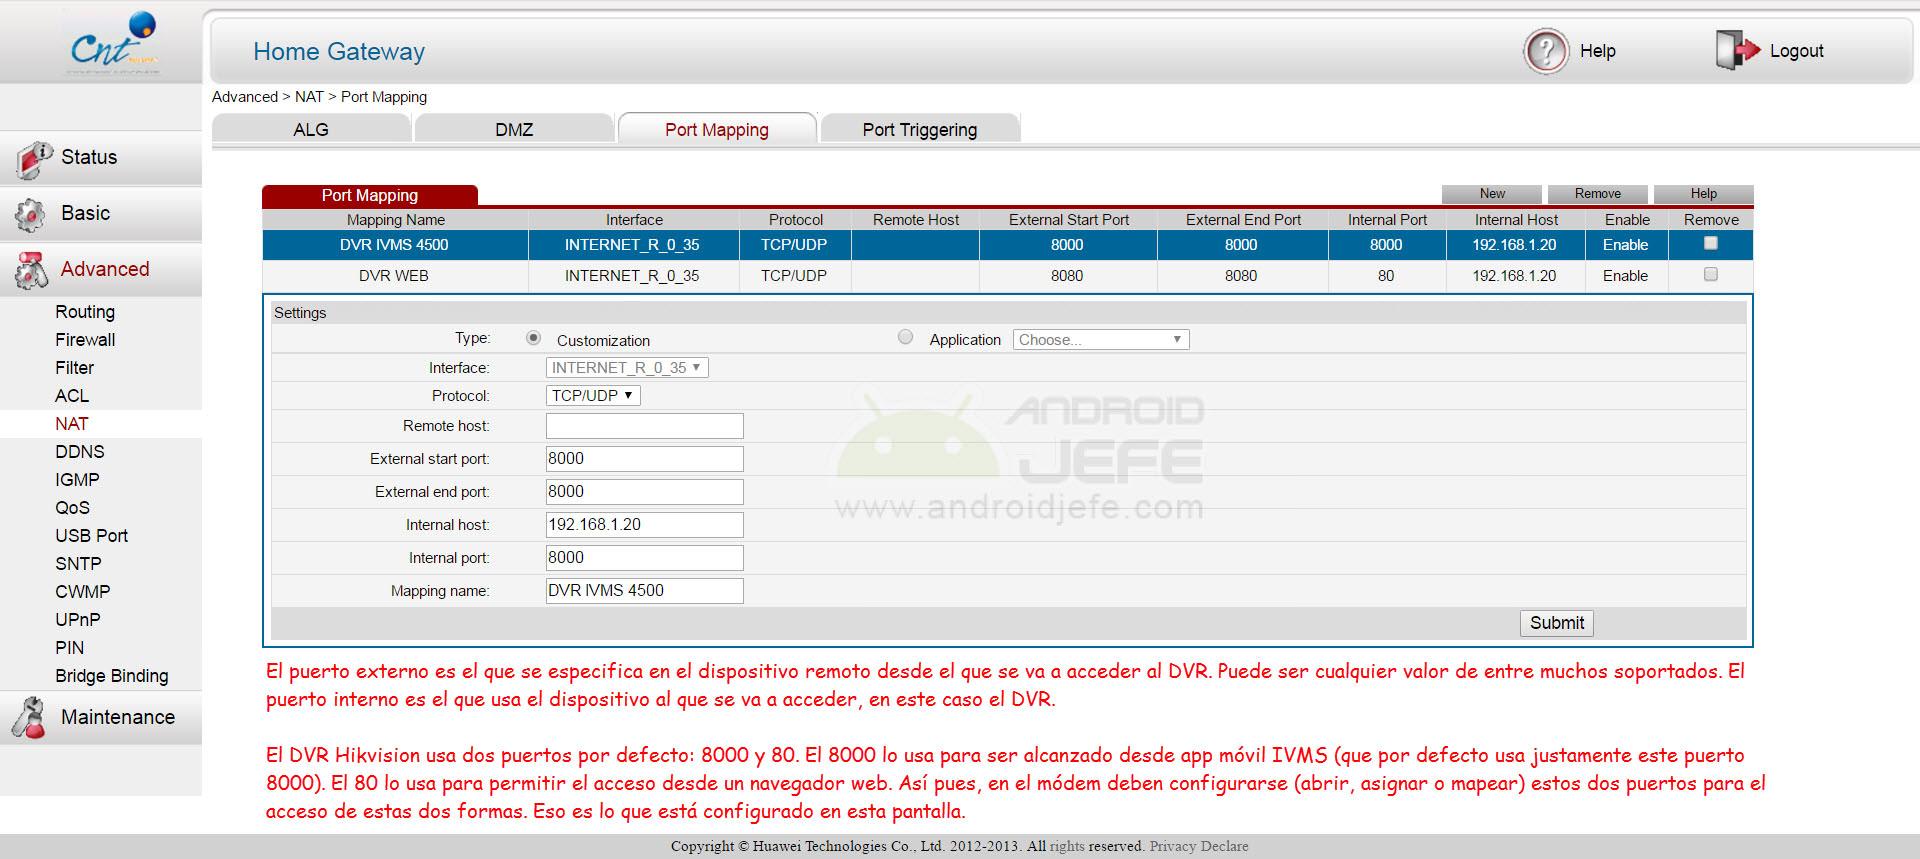 Configurar iVMS 4500 para ver cámaras DVR desde celular